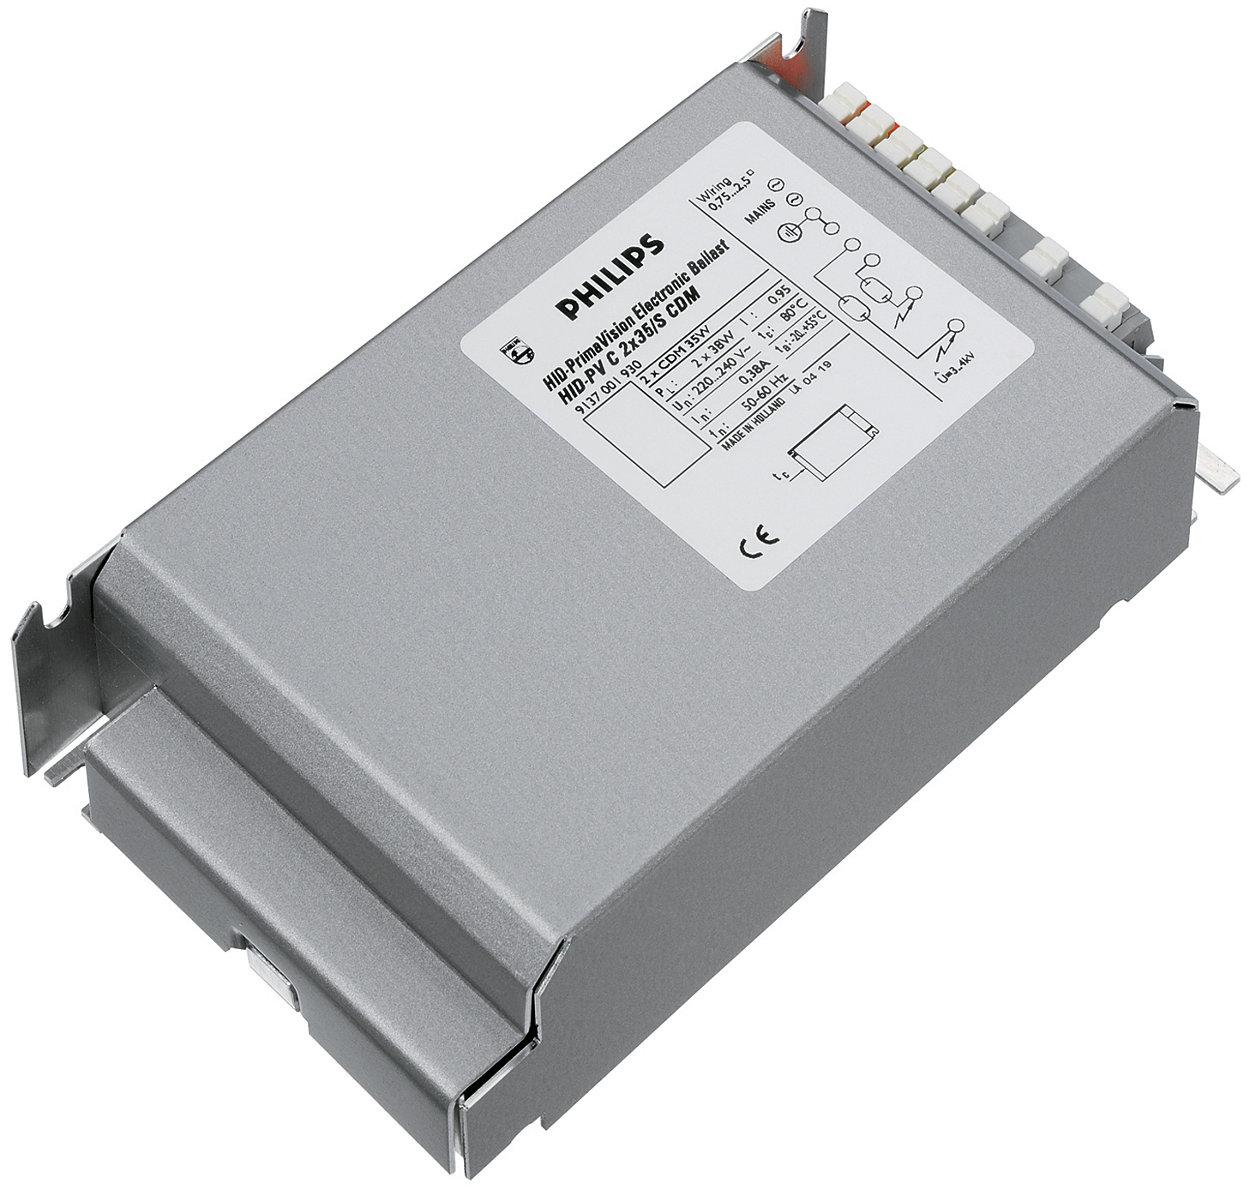 PrimaVision Twin (35 W og 70 W) til CDM – den omkostningseffektive LED-løsning